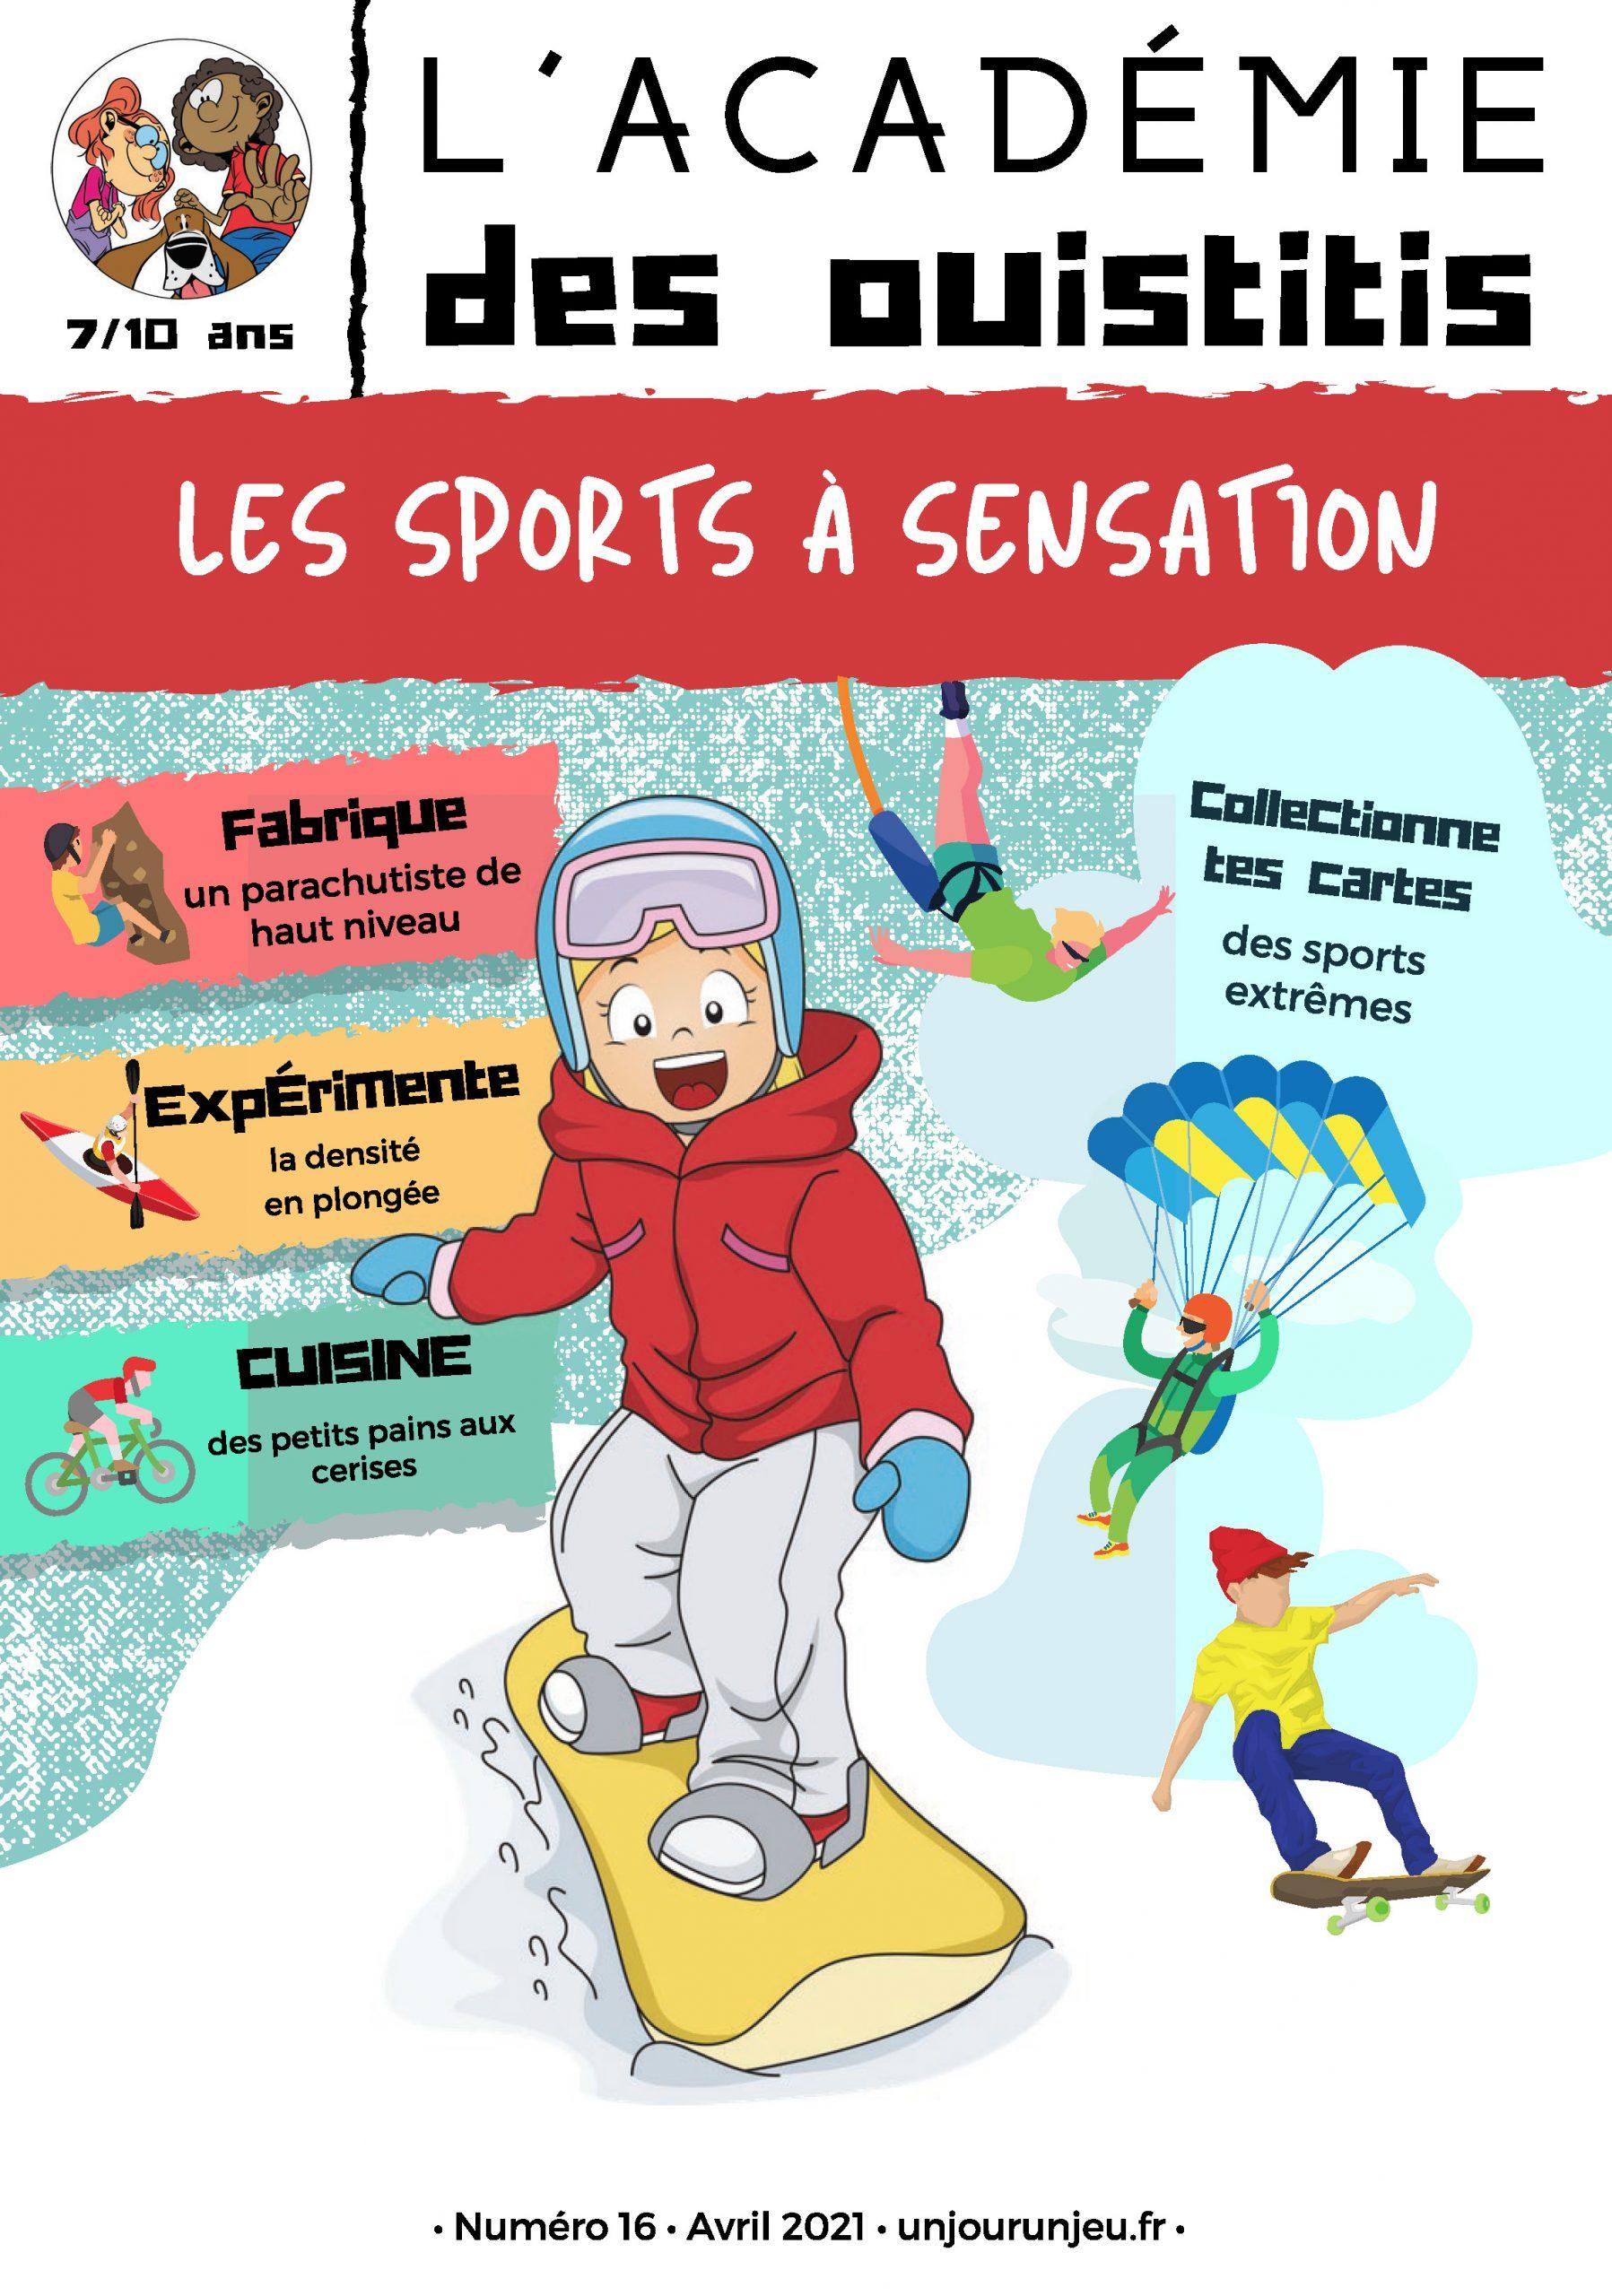 L'Académie des Ouistitis et les sports extrêmes